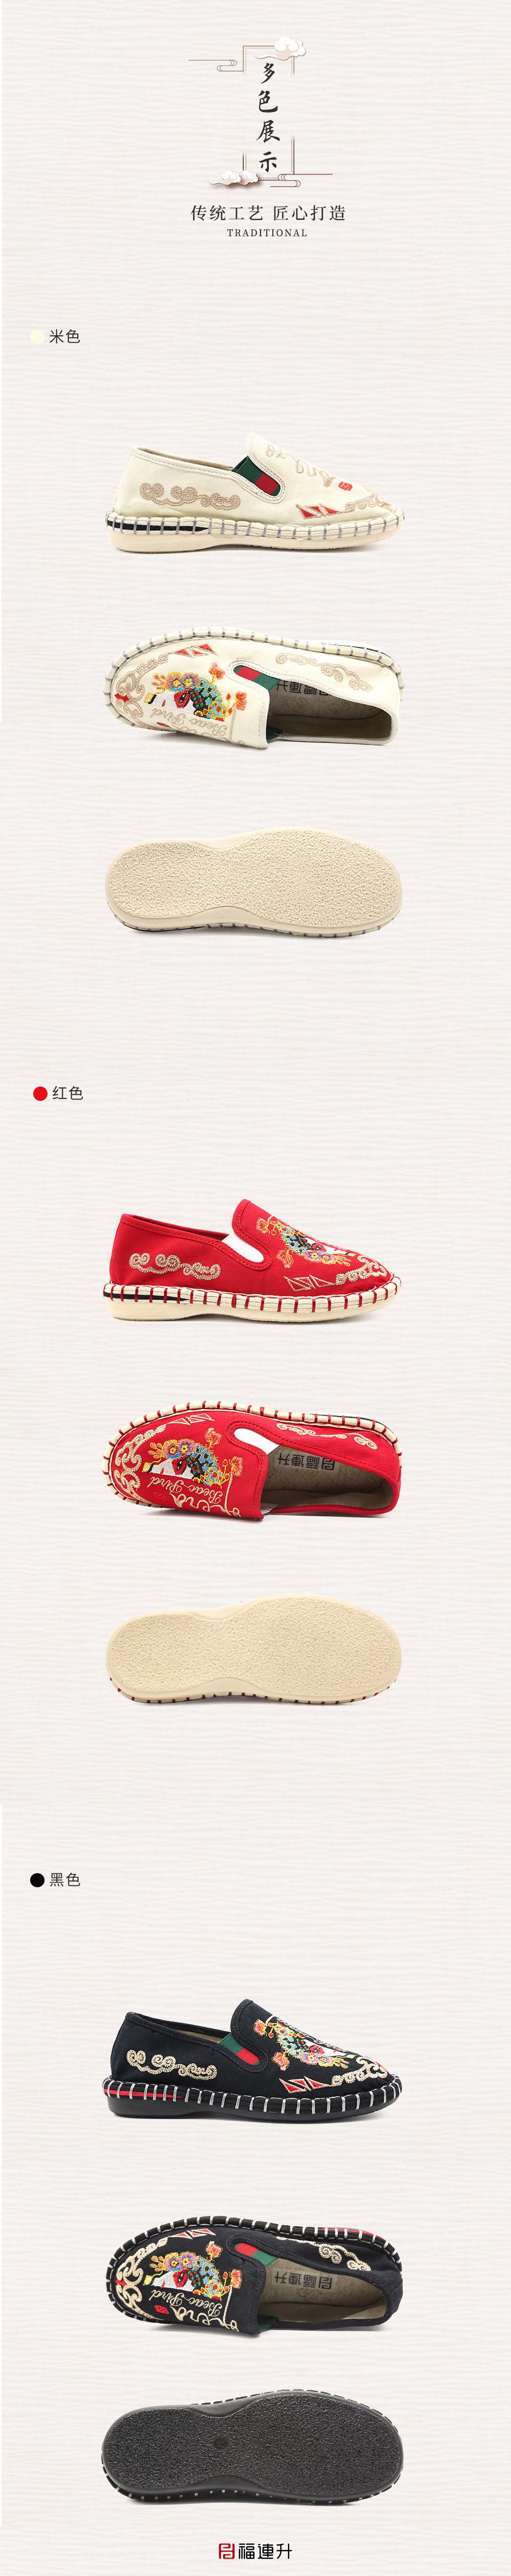 福连升老北京布鞋女鞋网红刺绣中国风一脚蹬休闲鞋图片